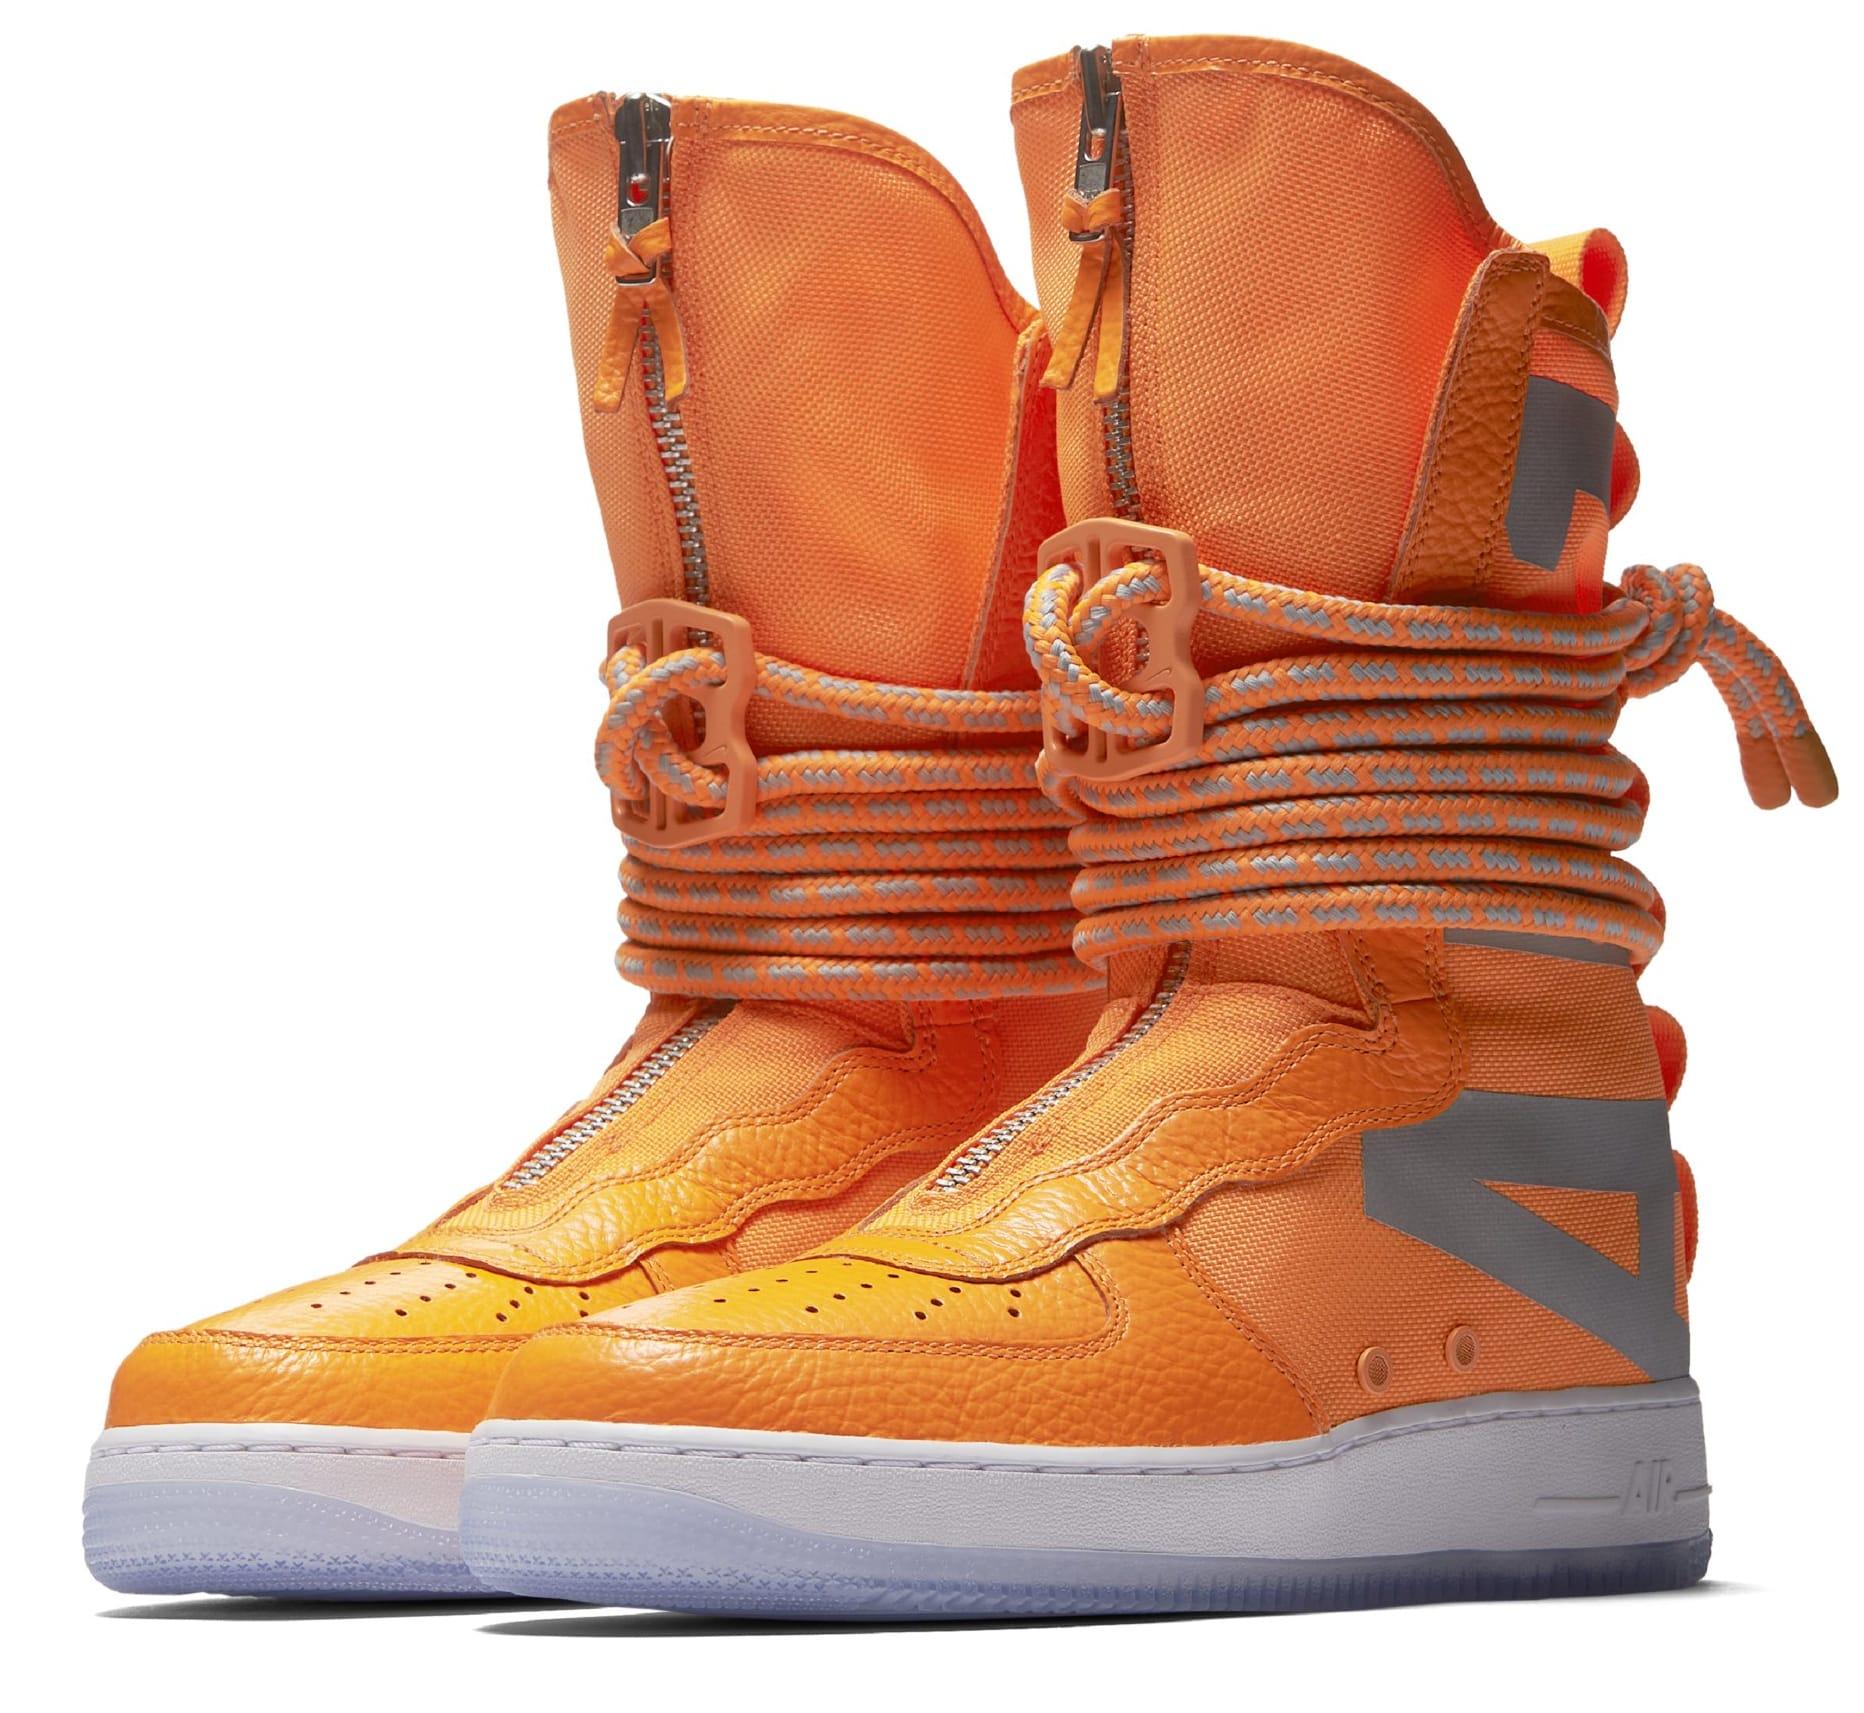 Nike SF AF1 High Orange